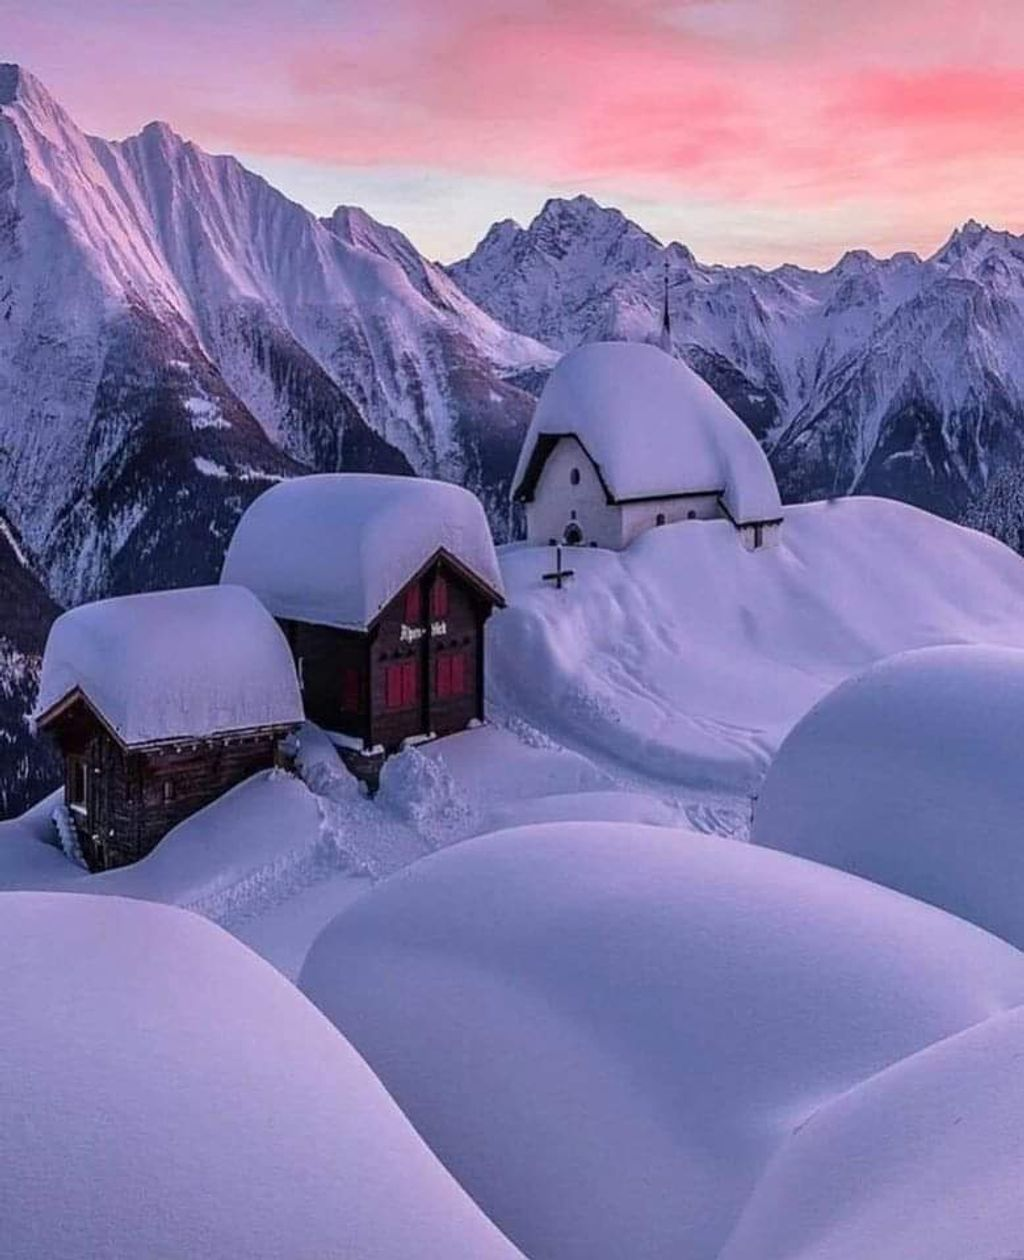 https://cdn.wintersport.nl/forum/25/9798fd3fb2a48f1712d3e475...